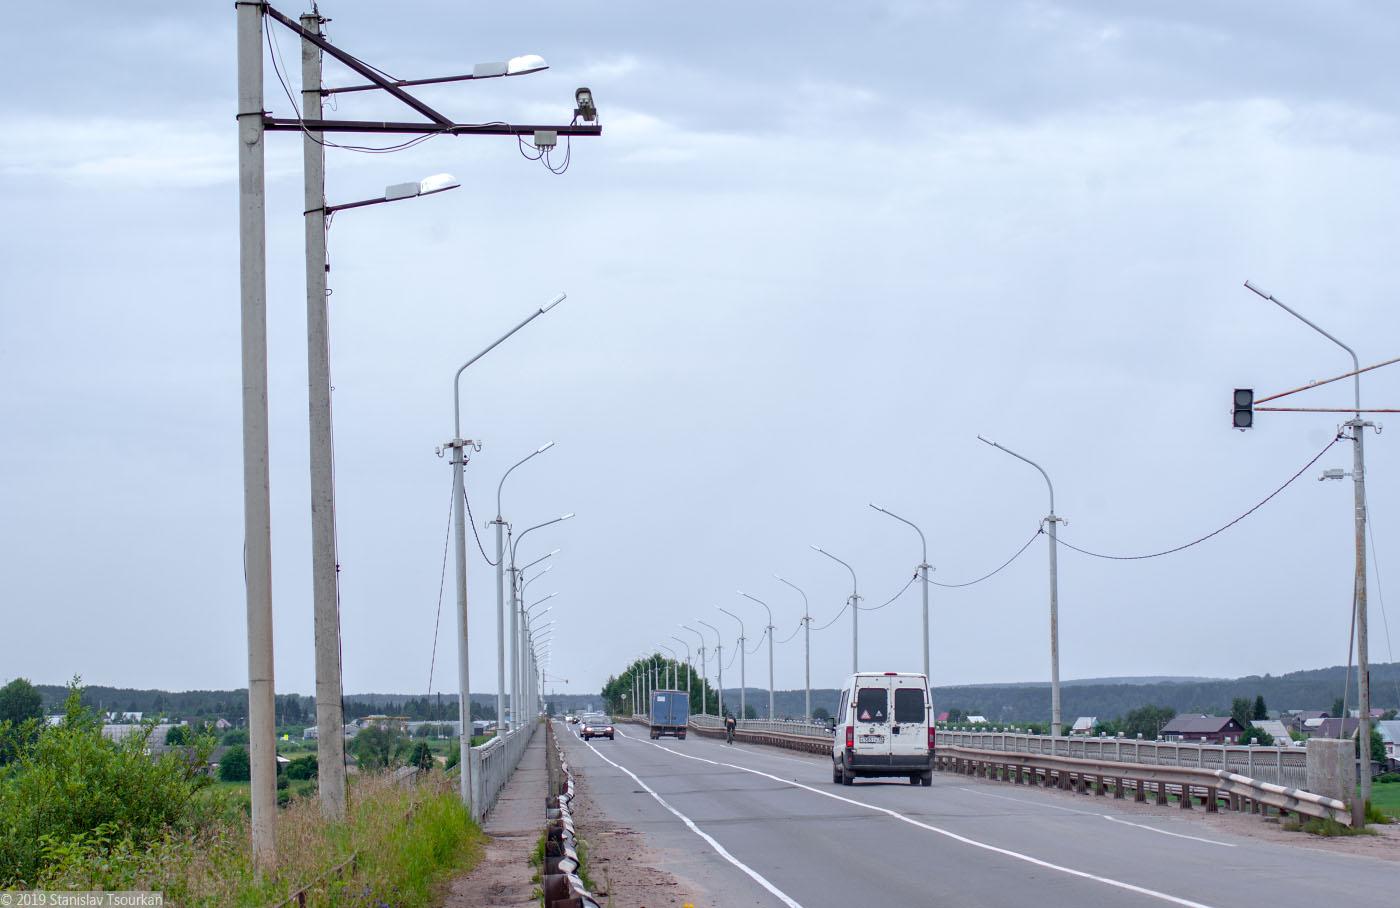 Вологодская область, Вологодчина, Великий устюг, Русский север, Сухона, мост через Сухону